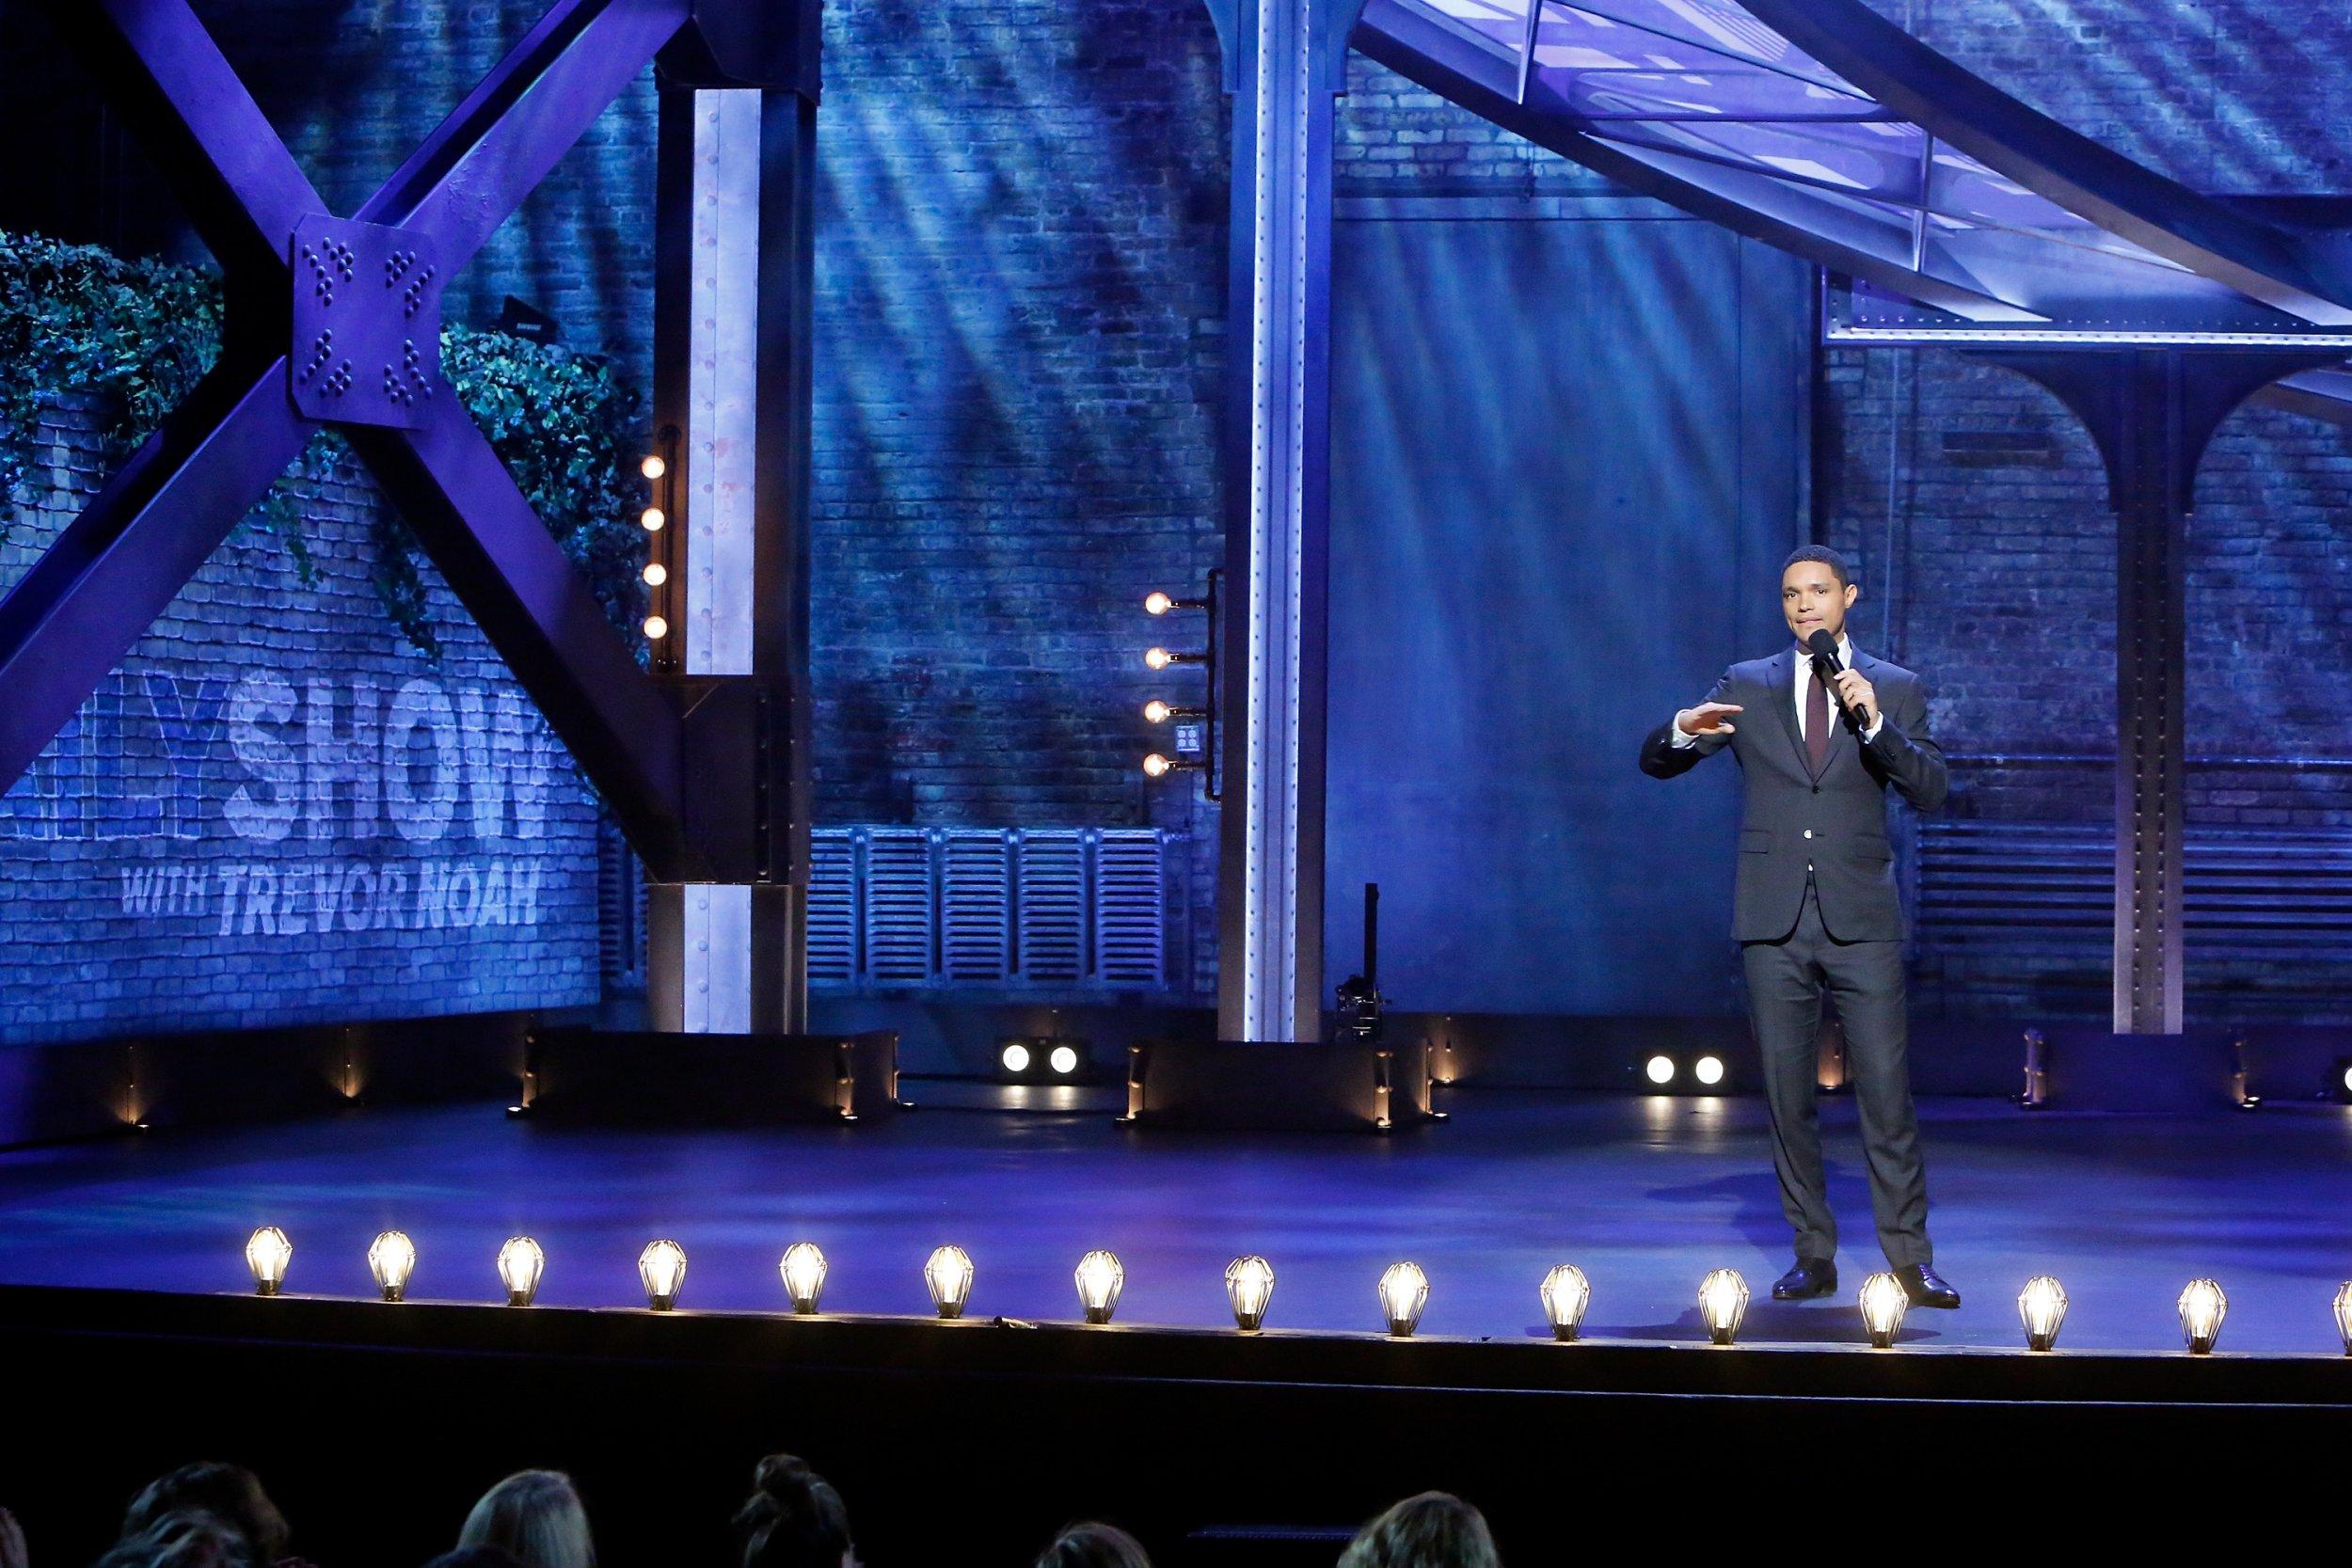 Daily Show with Trevor Noah